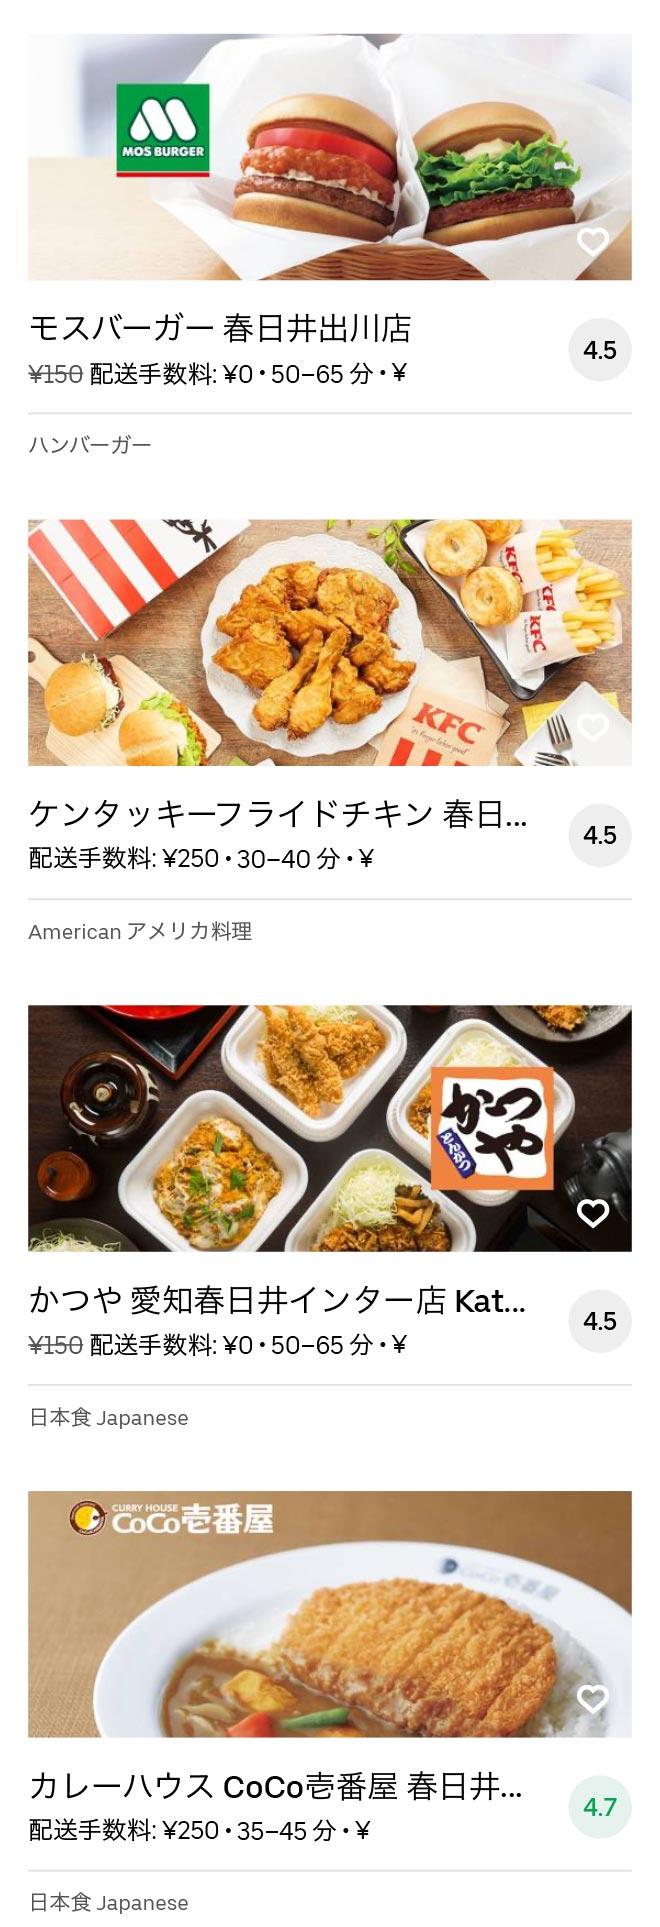 Jinryo menu 2010 05